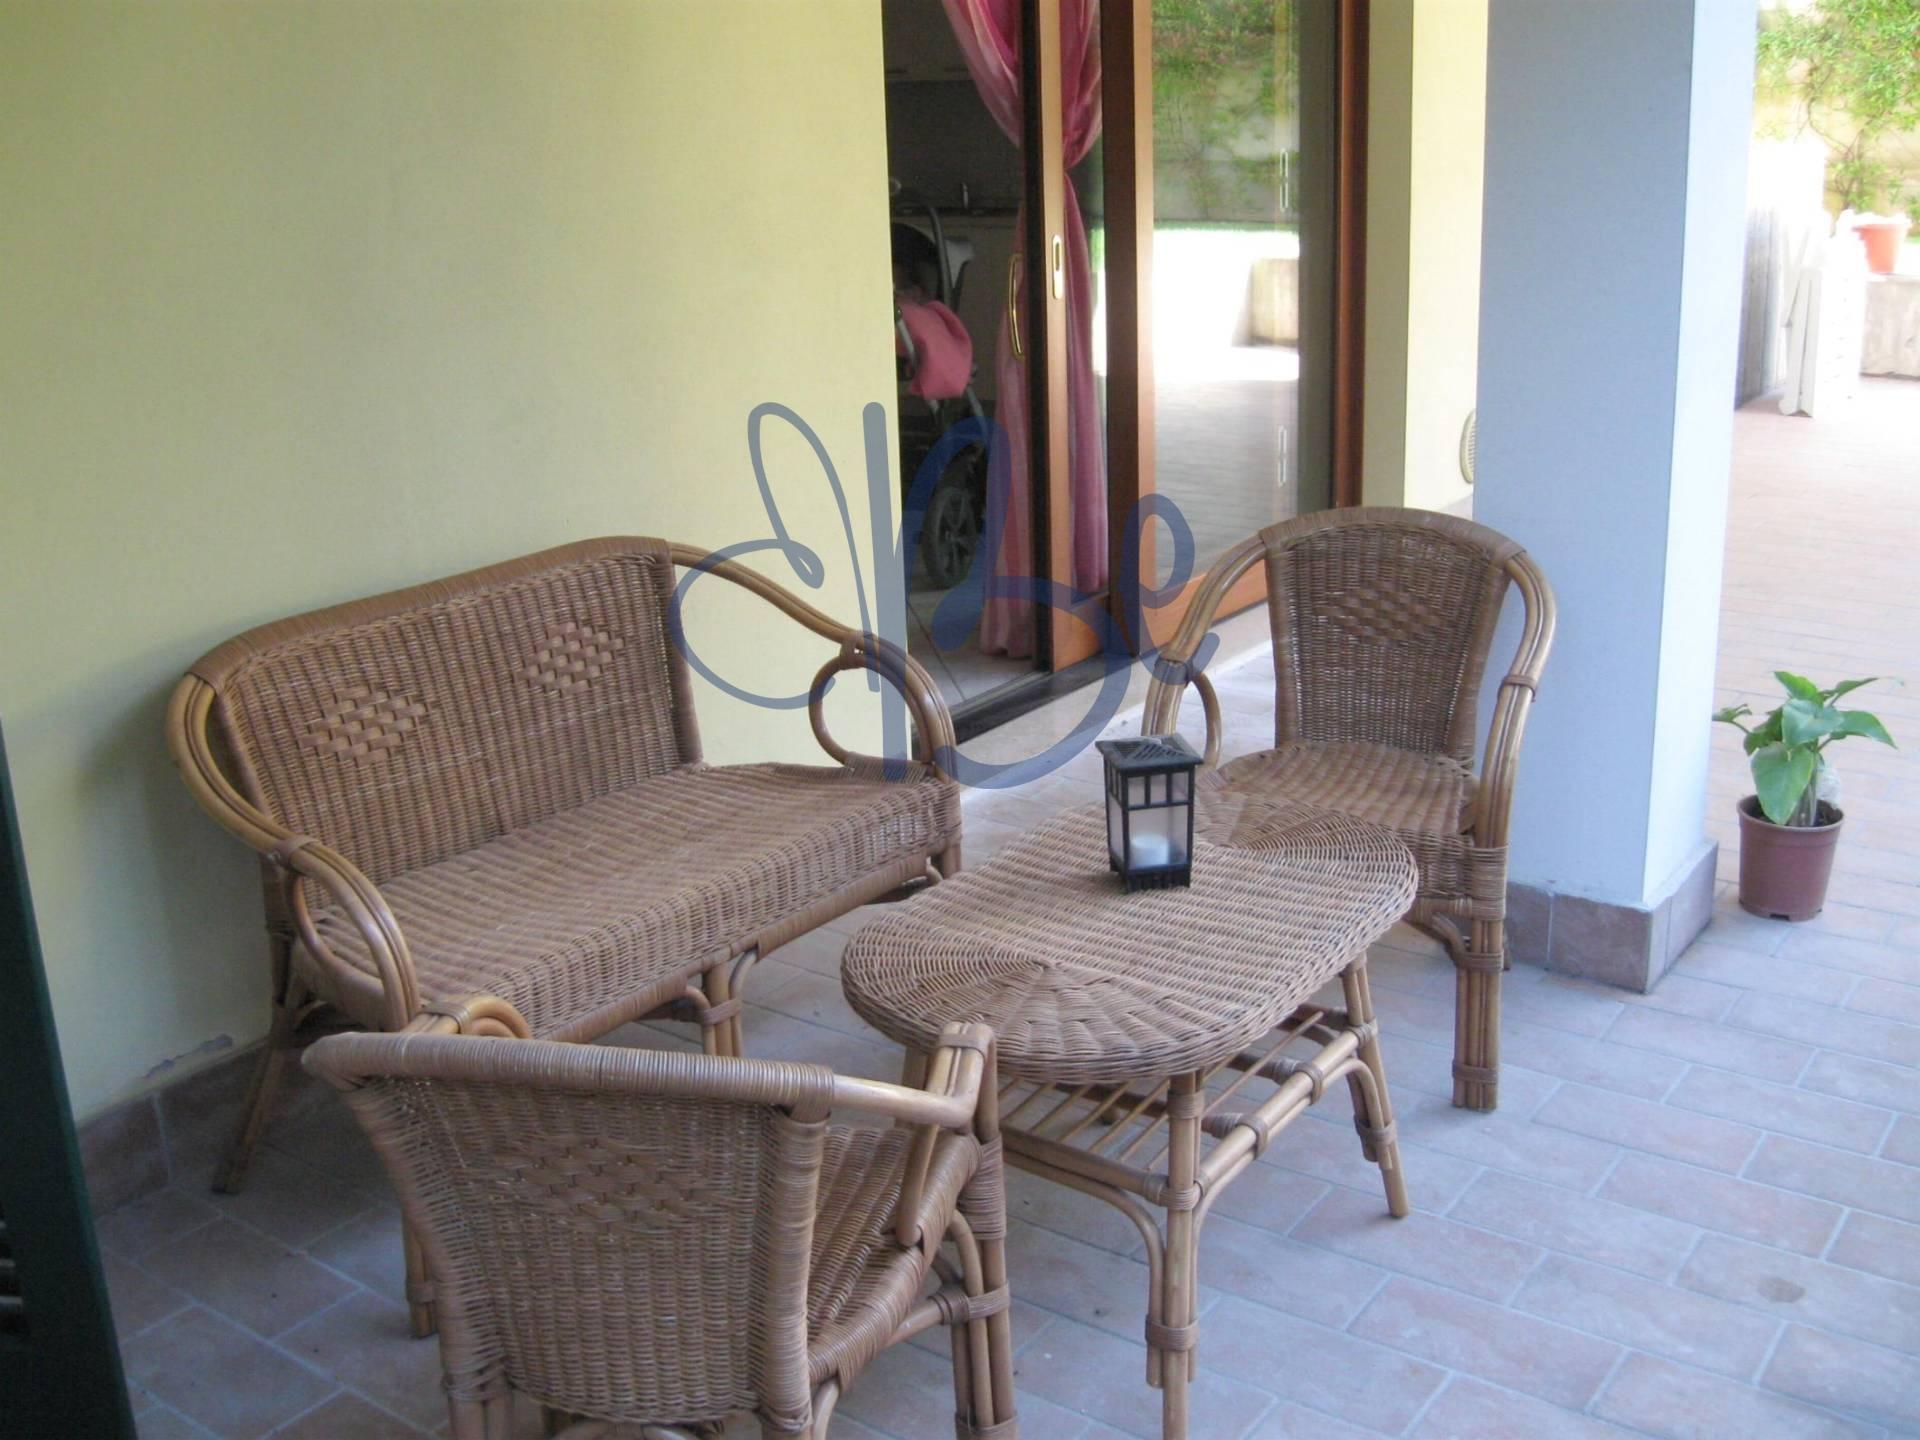 Appartamento in affitto a Salò, 2 locali, zona Località: Salò, prezzo € 540   CambioCasa.it